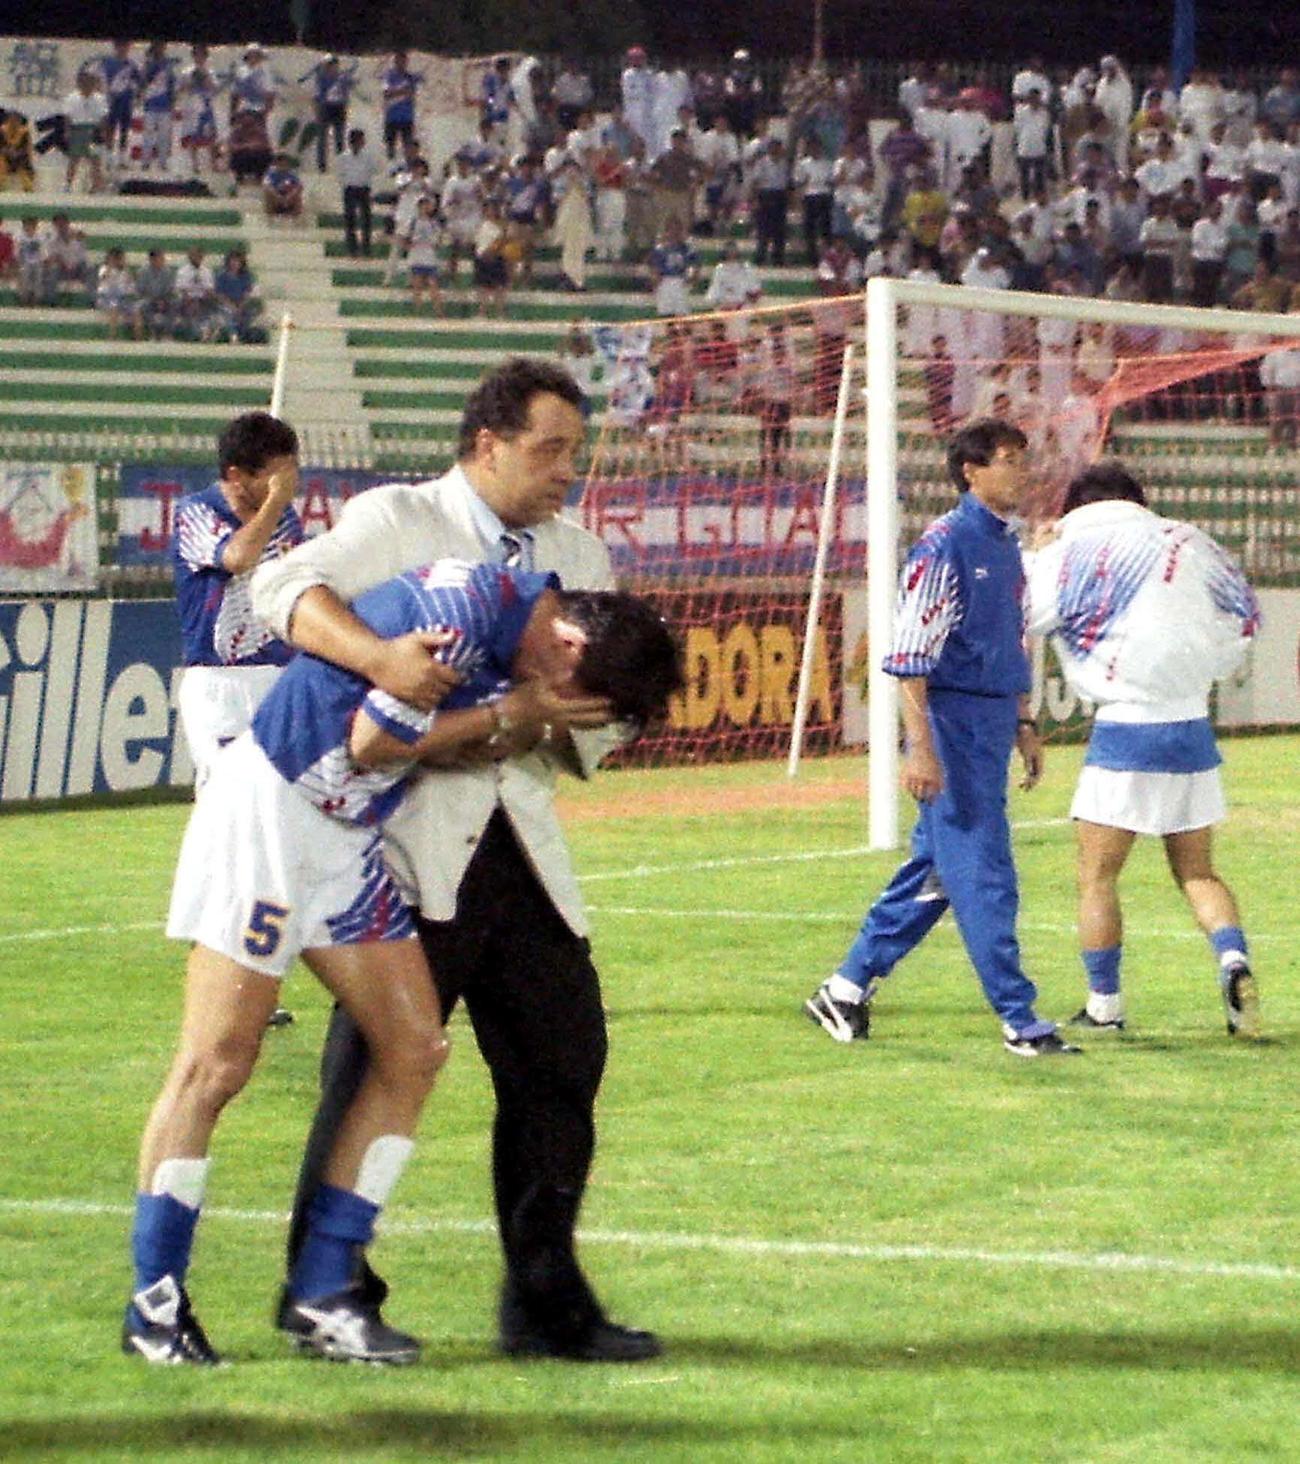 93年10月28日、イラクと引き分けに終わりW杯予選敗退、泣き崩れる柱谷哲二を抱きかかえるハンス・オフト監督